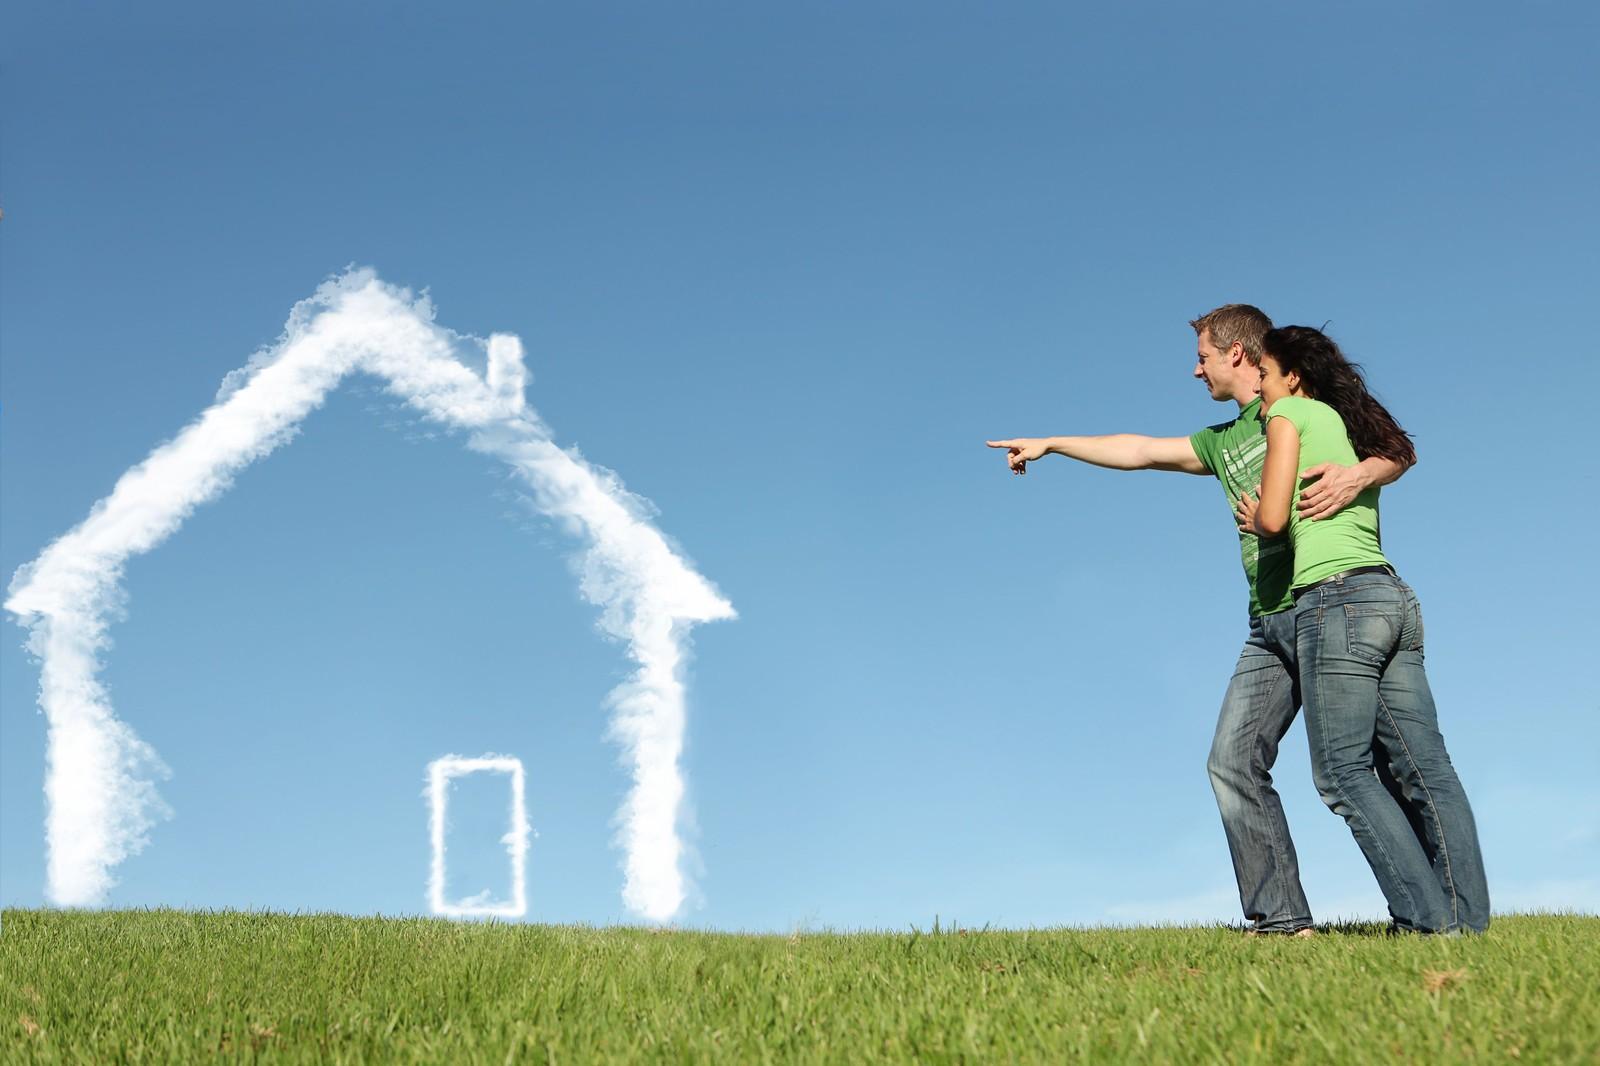 Strategia Prima Casă prevede, începând cu anul viitor, reducerea garanției acordate de stat la 40% pentru locuințele mai vechi de 5 ani